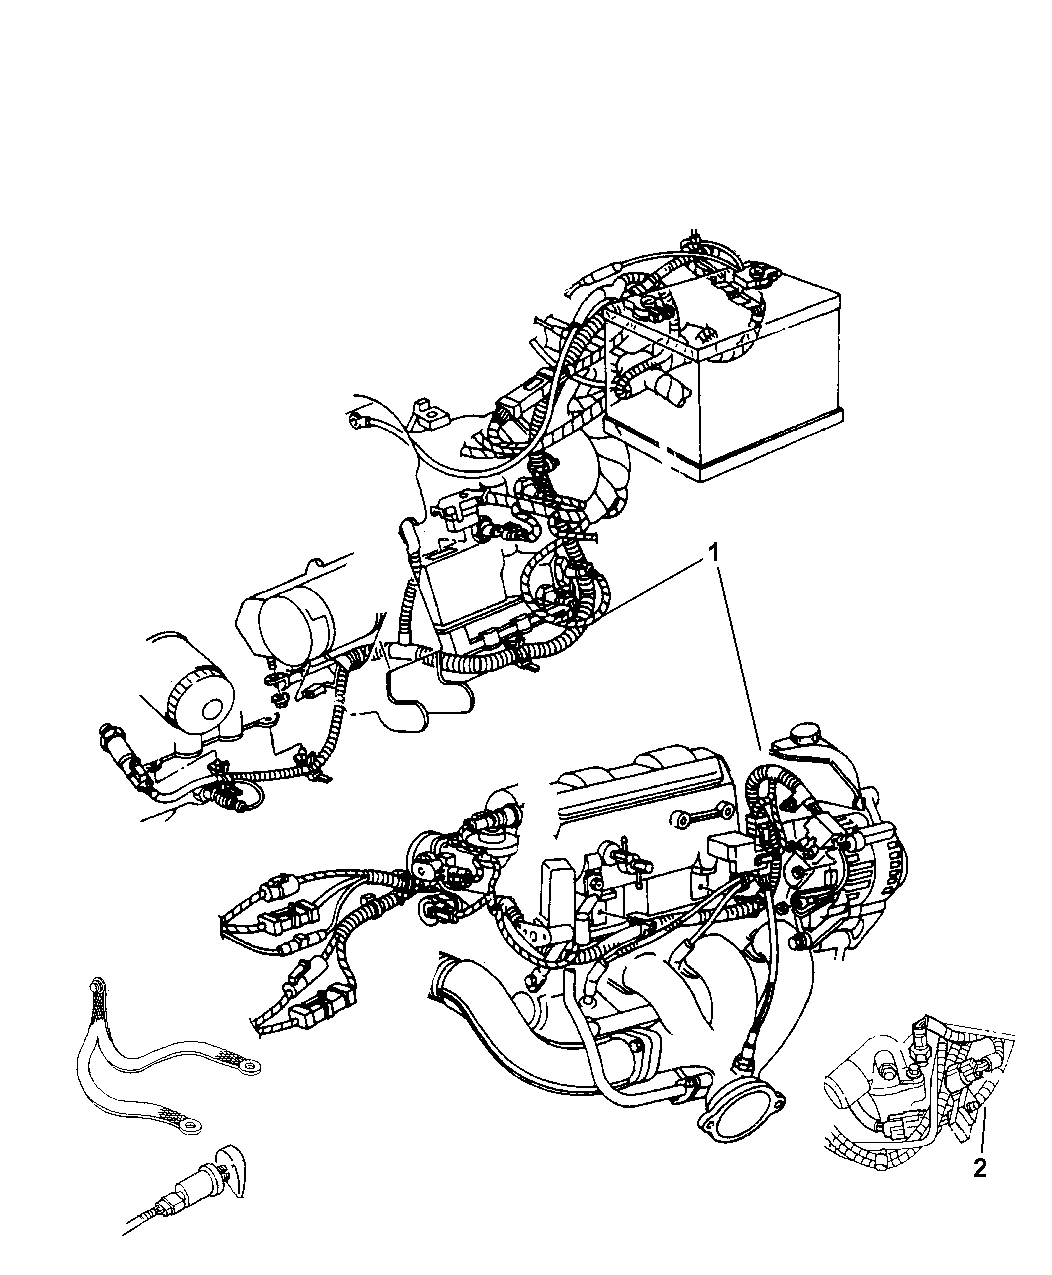 [DIAGRAM_38DE]  EC0B Dodge Magnum Engine Wiring | Wiring Resources | Dodge Magnum Se Engine Diagram |  | Wiring Resources